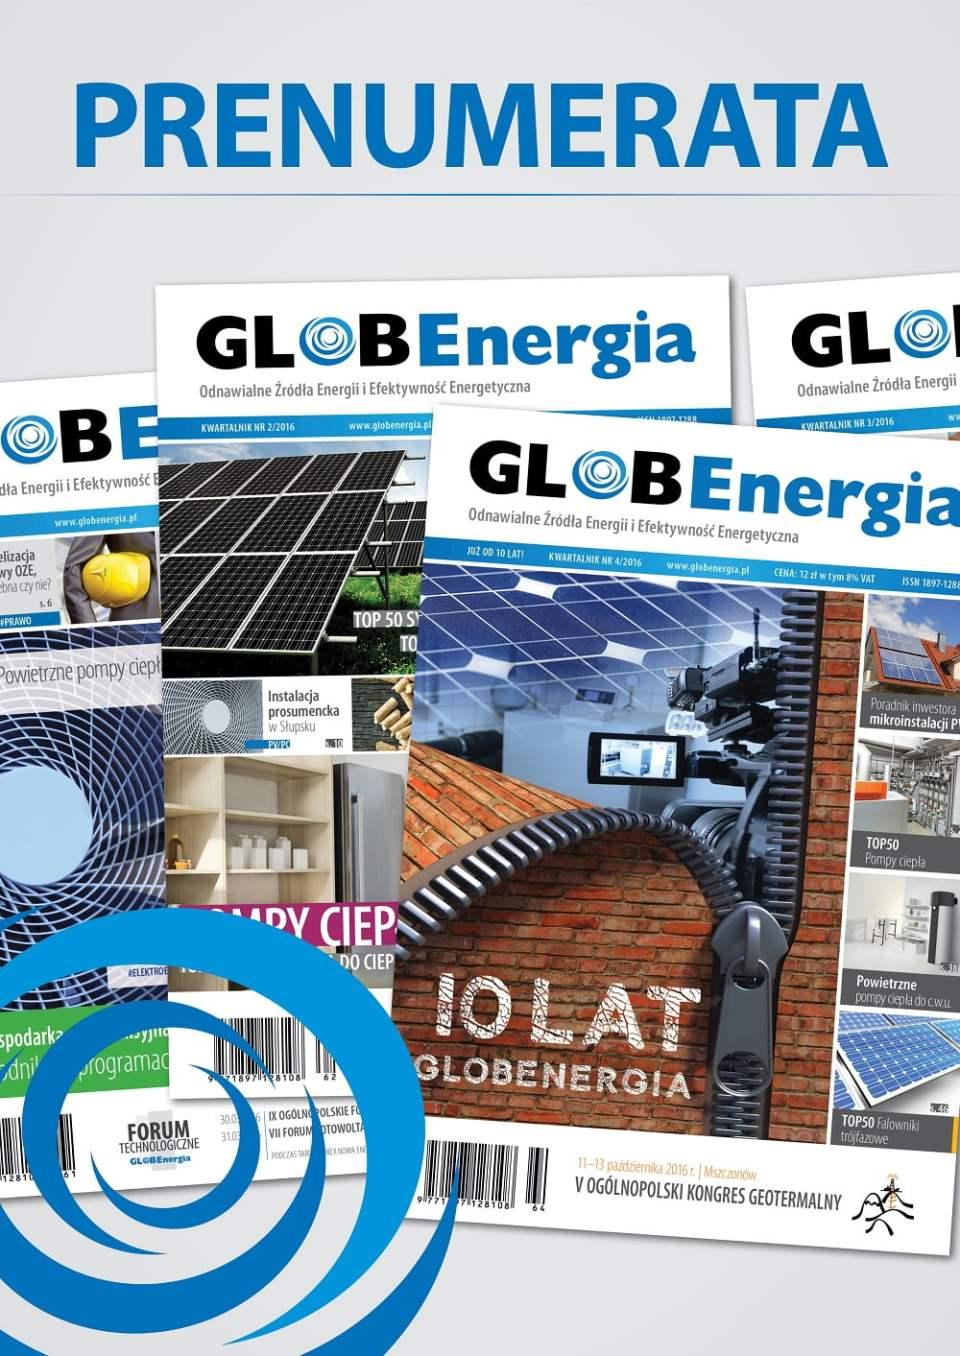 Prenumerata GLOBEnergia 2017